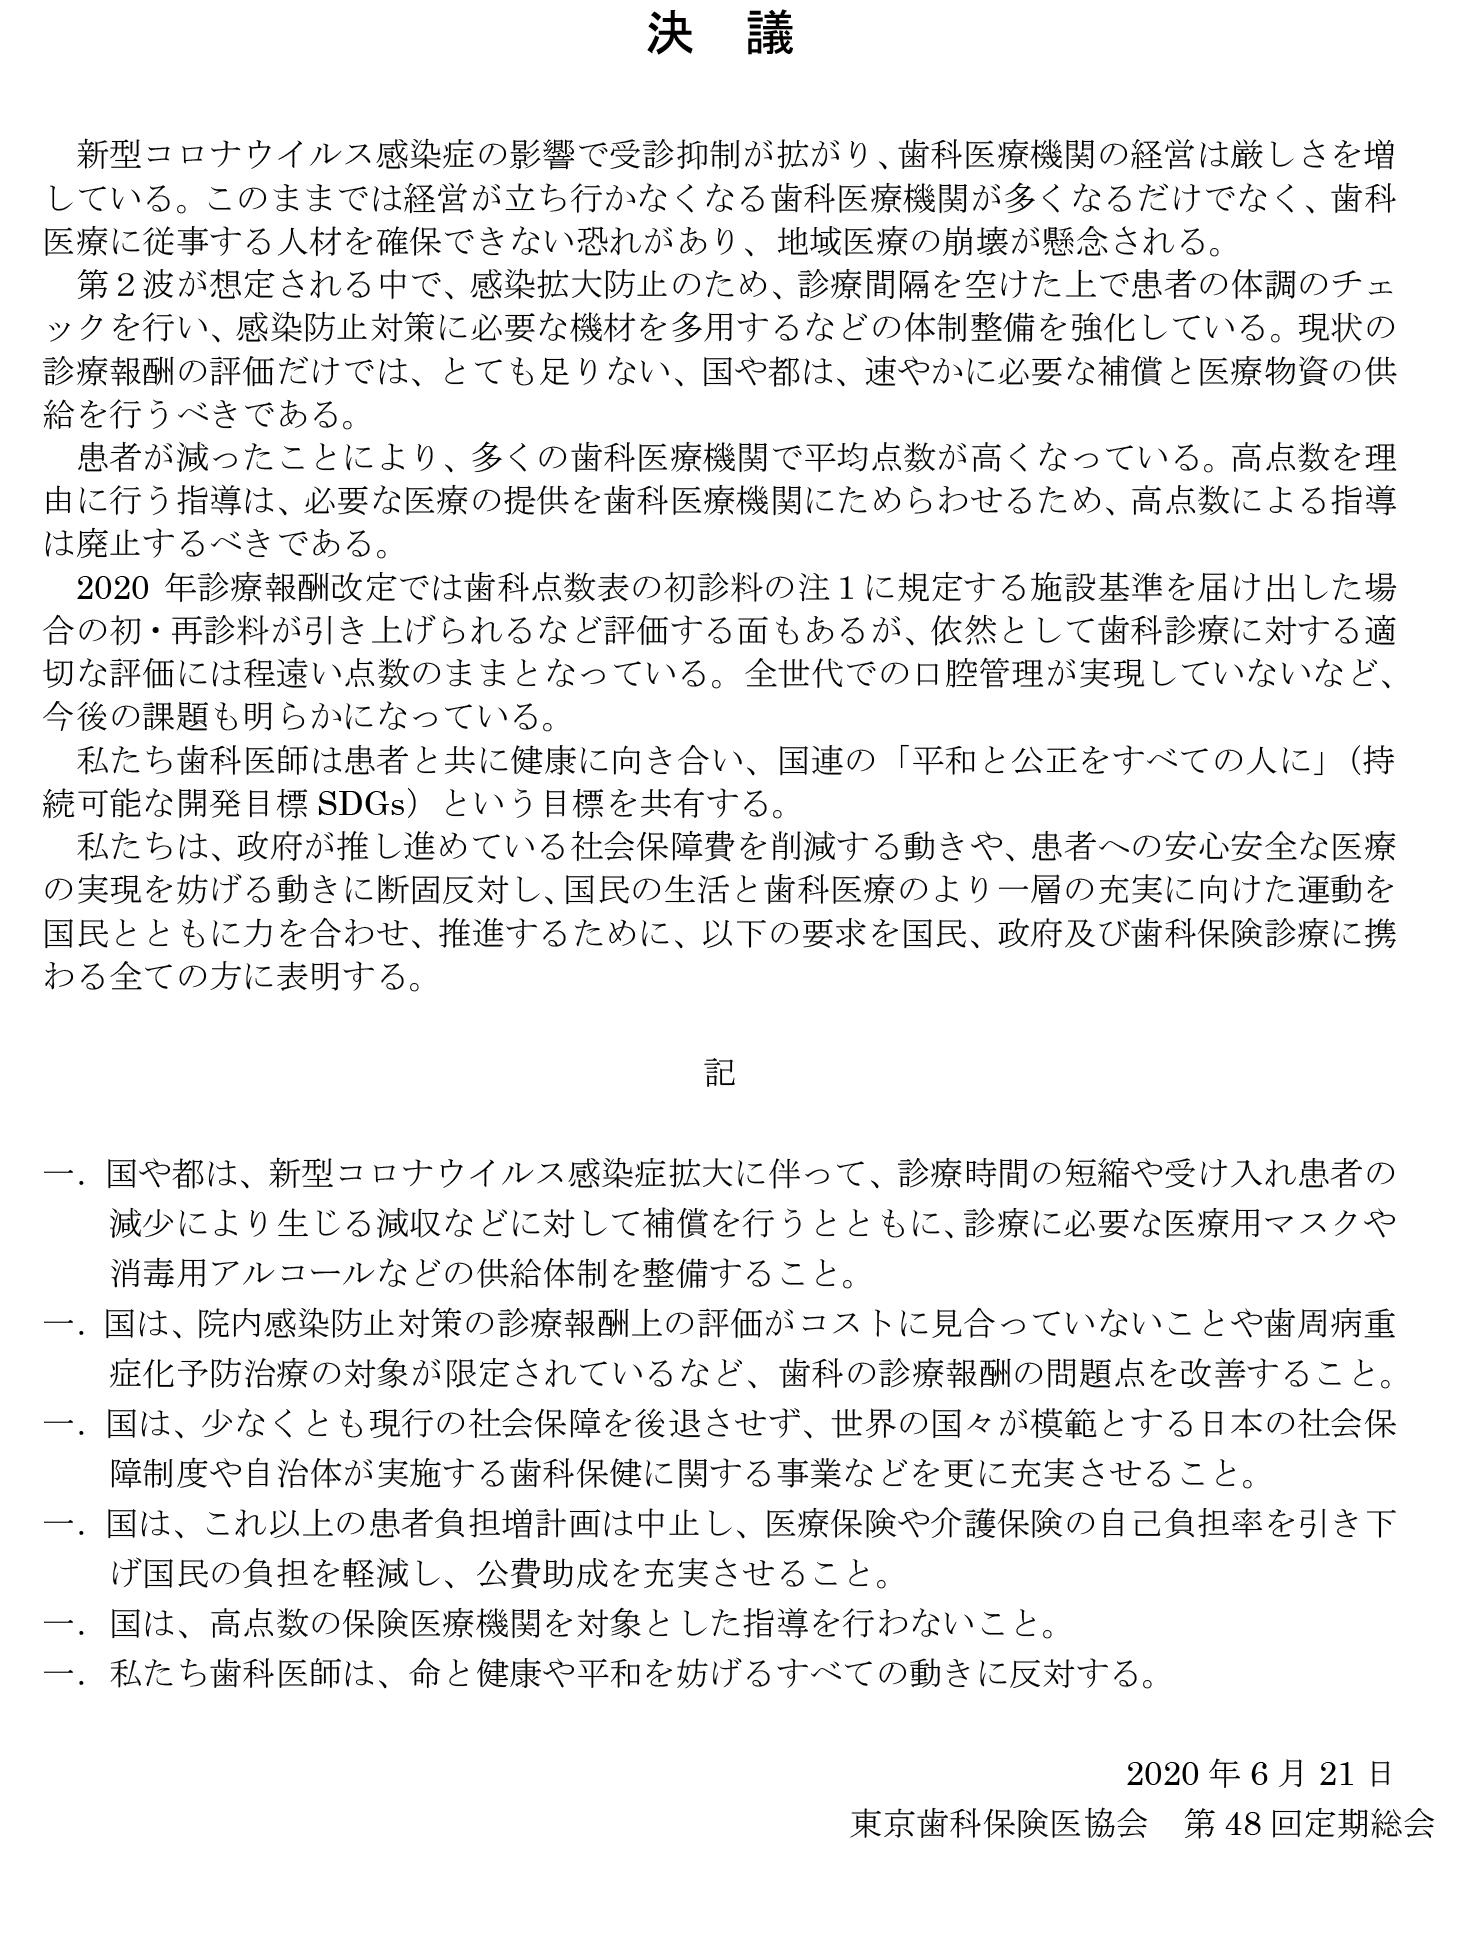 第48回定期総会「決議」を採択 | 東京歯科保険医協会